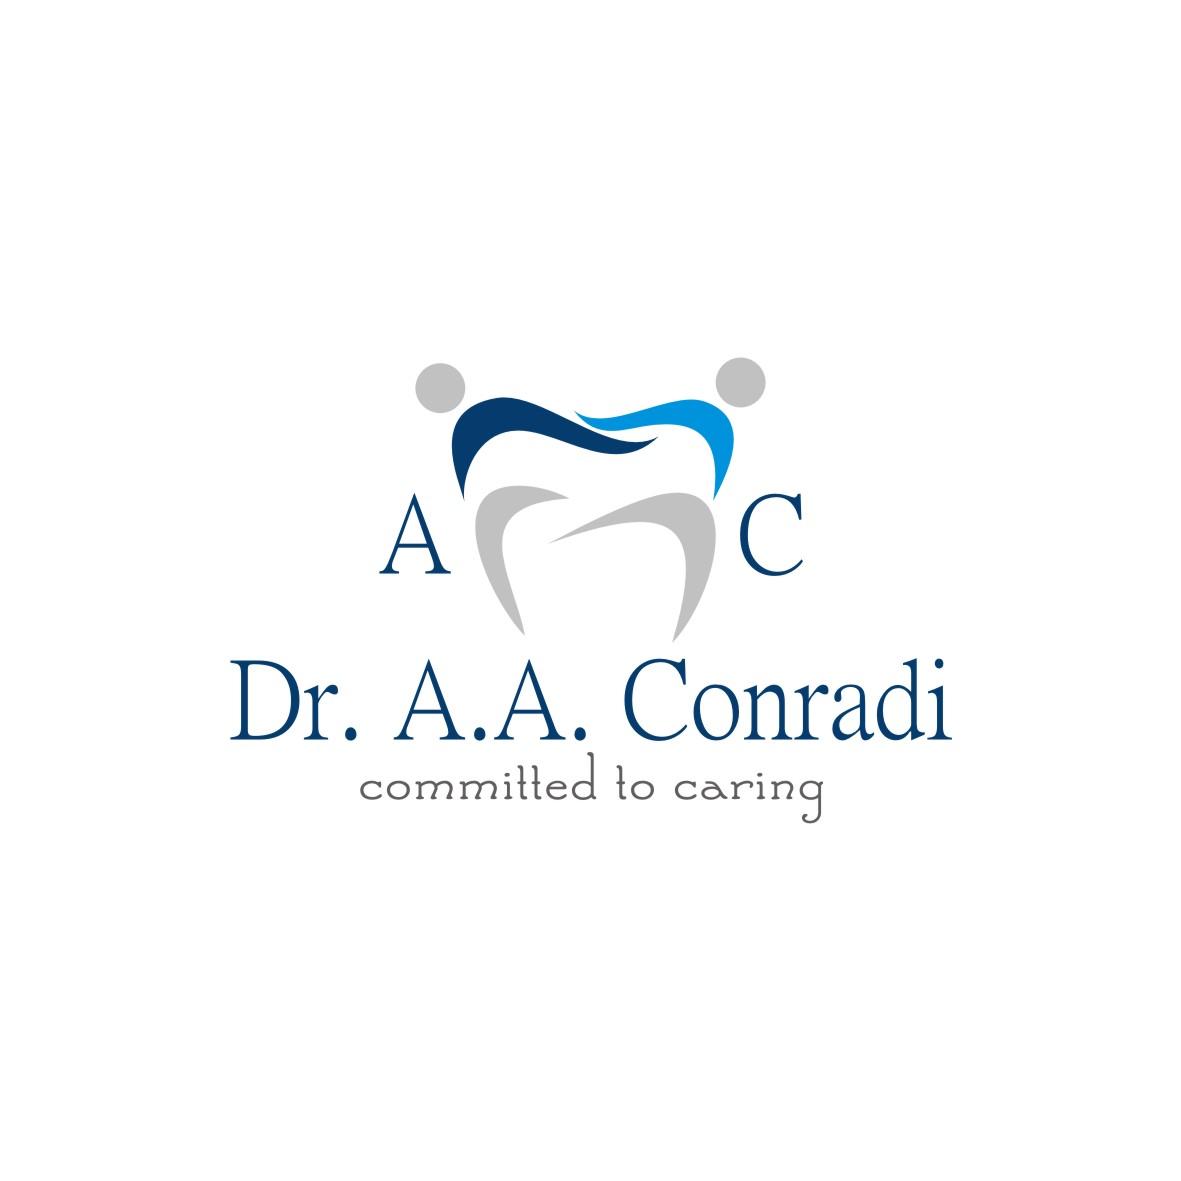 Logo Design by arteo_design - Entry No. 41 in the Logo Design Contest Unique Logo Design Wanted for Dr. A.A. Conradi.